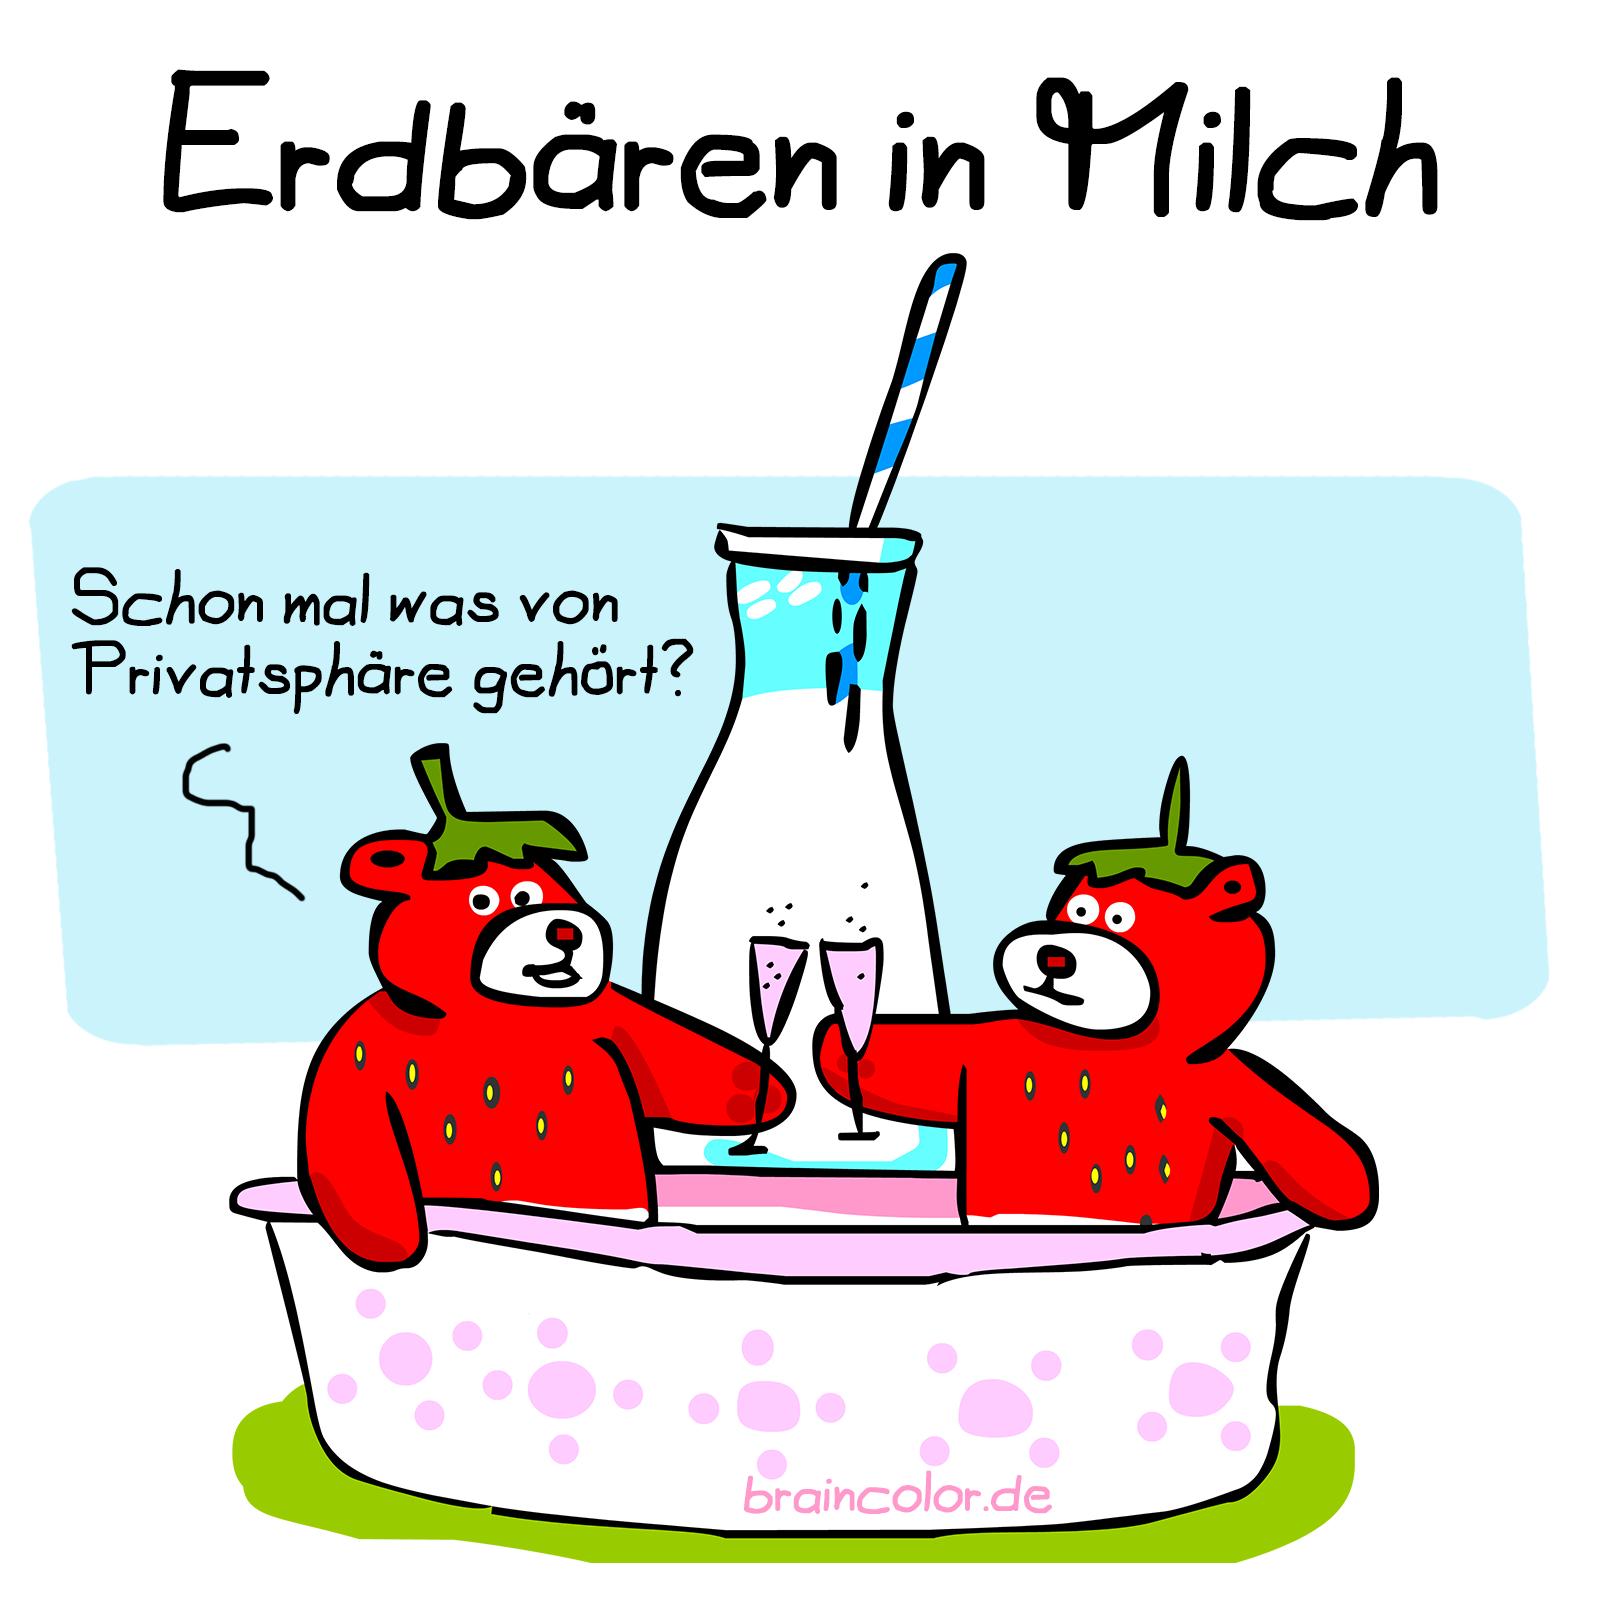 erdbeeren-milch